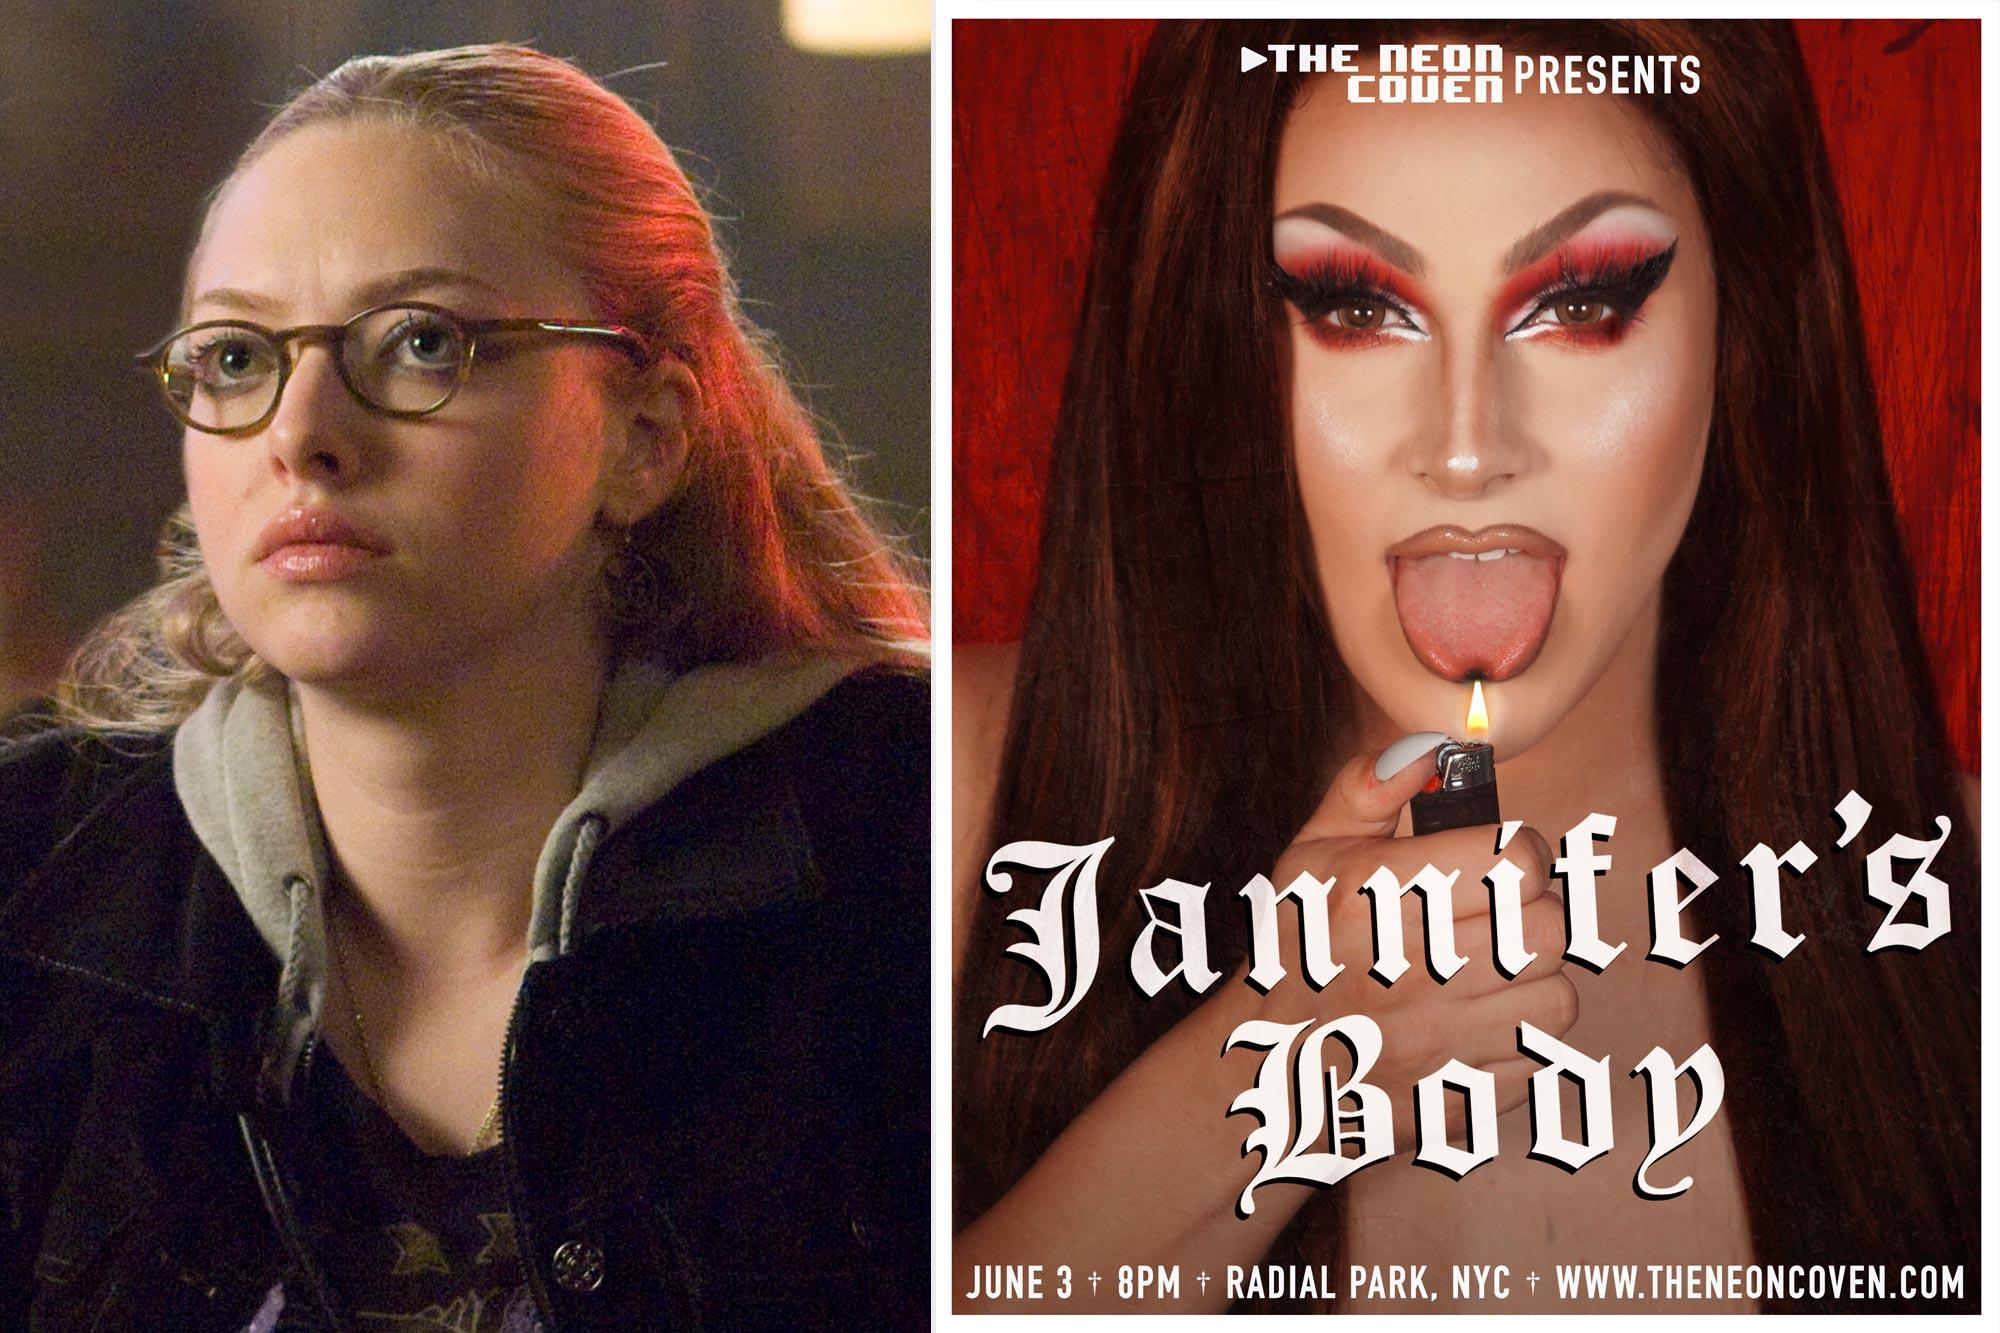 Jennifer's Body; Jannifer's Body